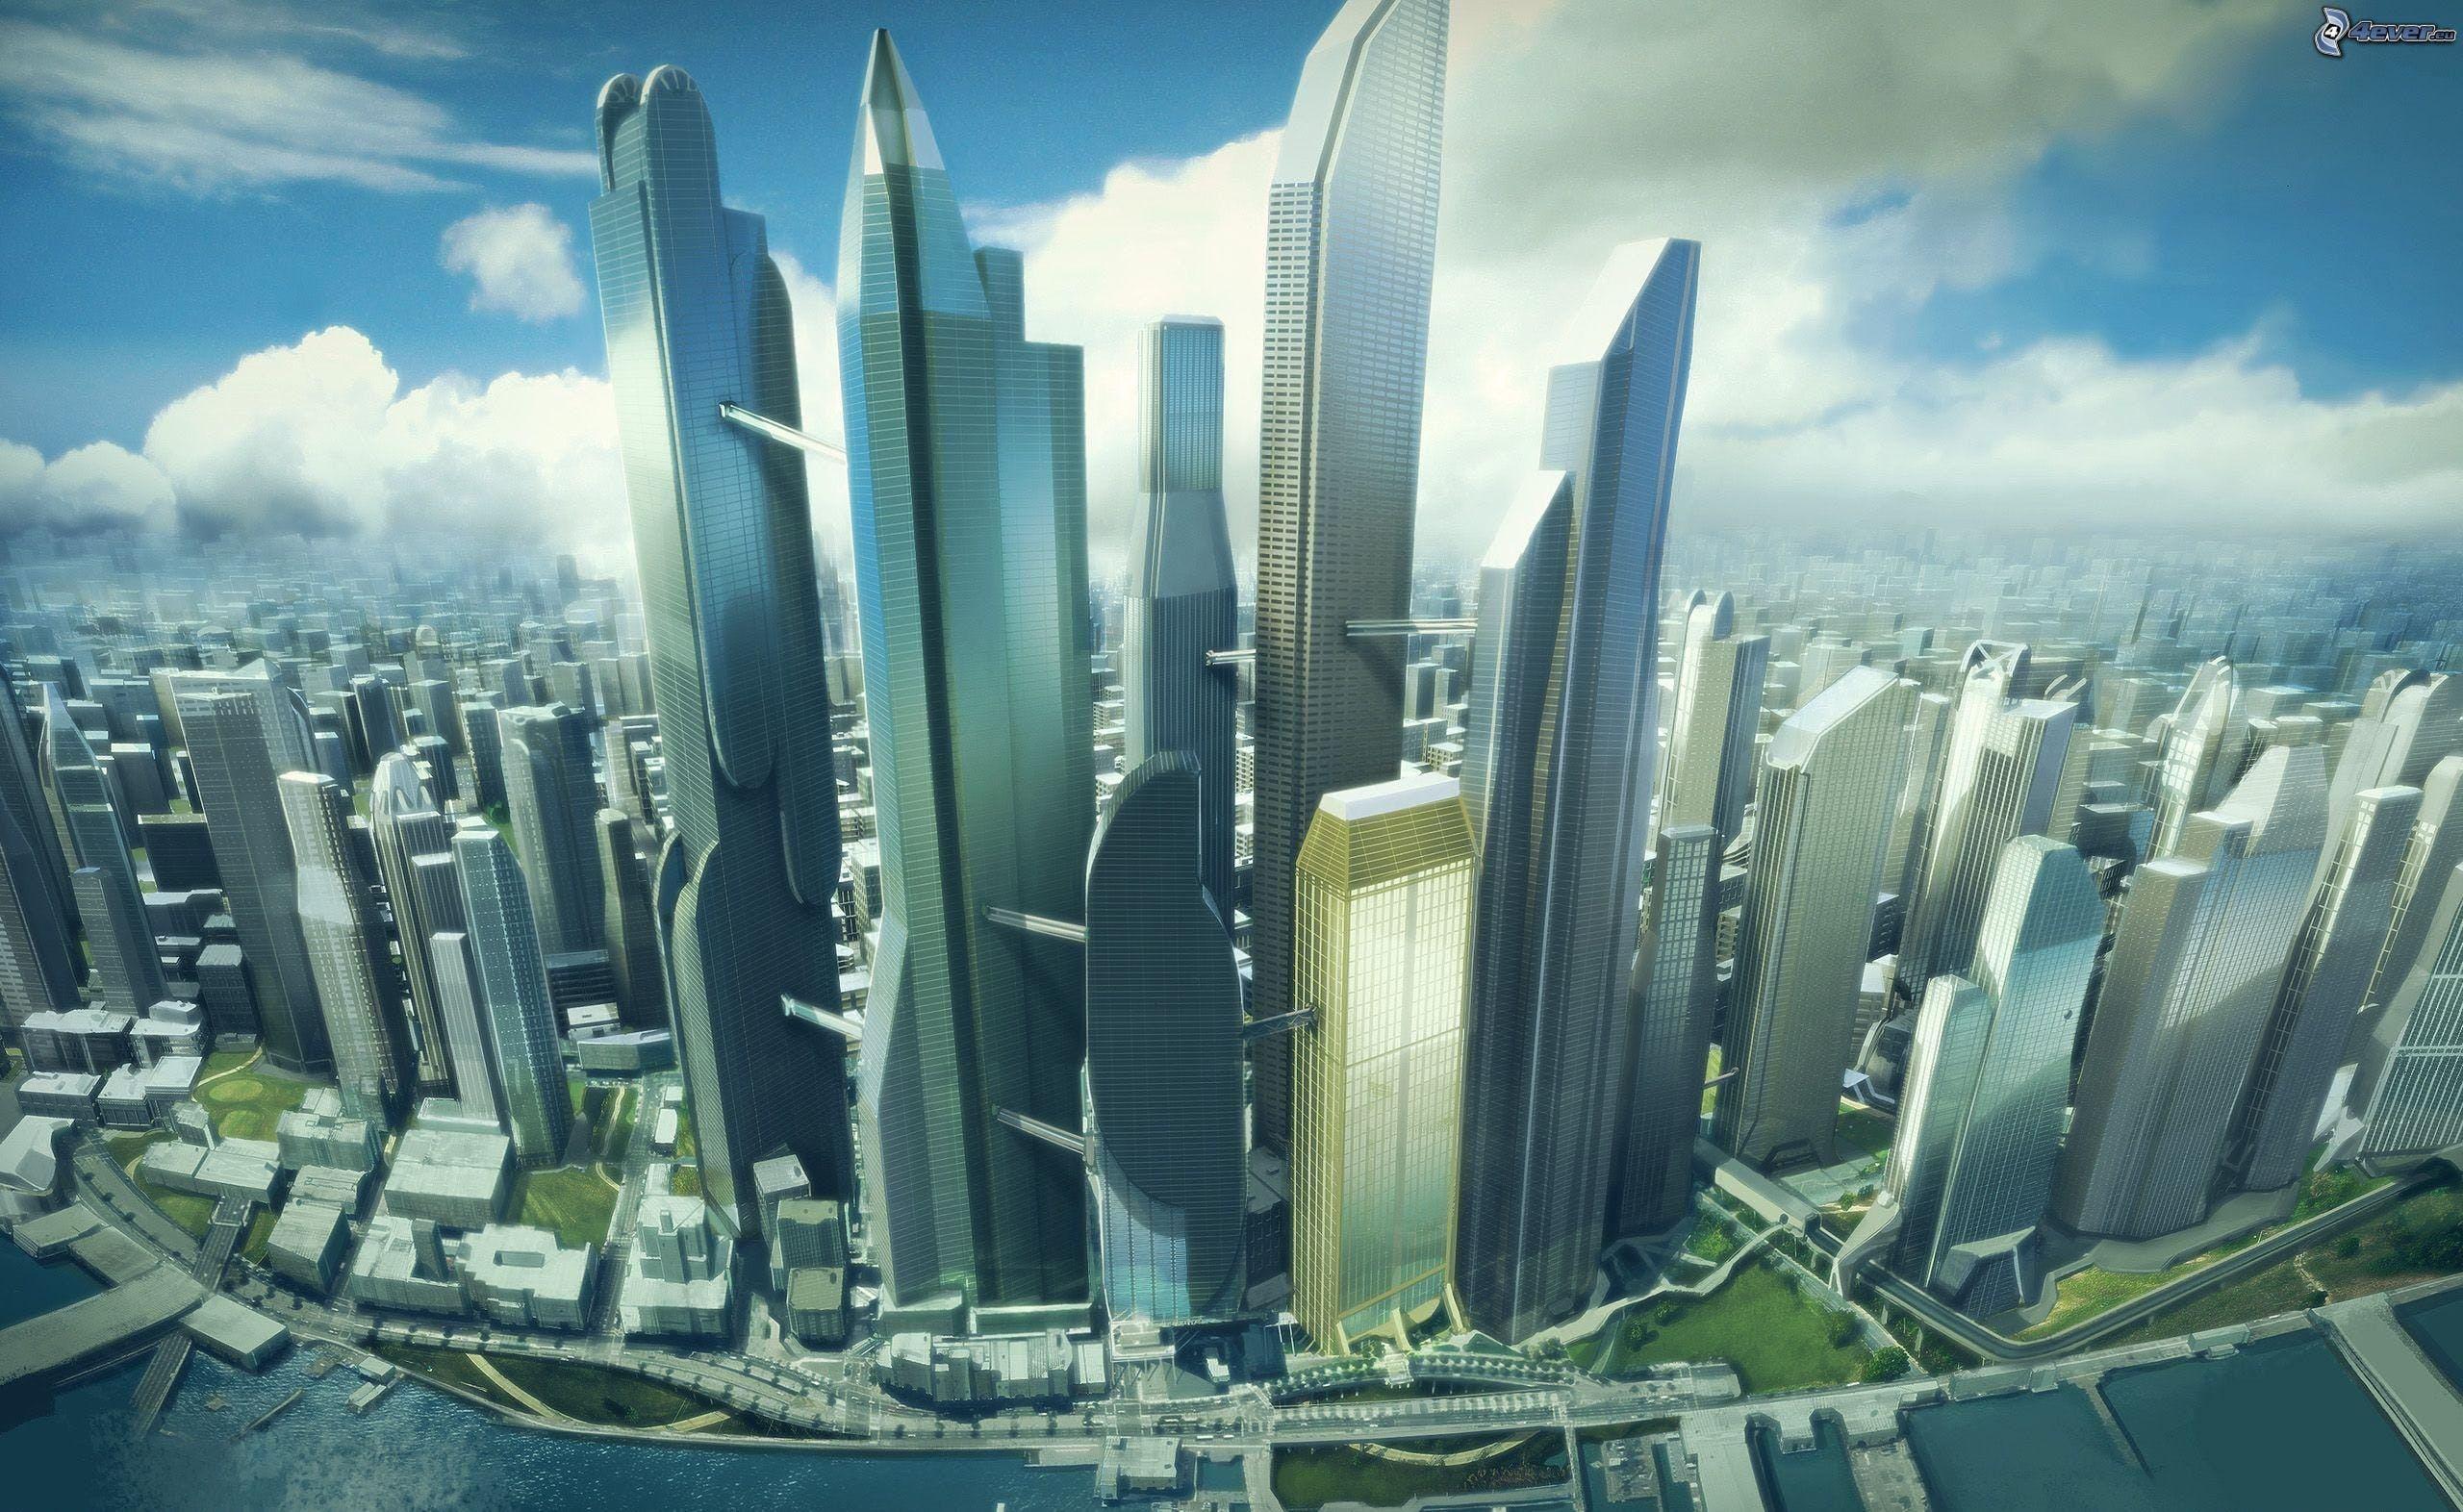 Free stock photo of skyscrapers, futuristic